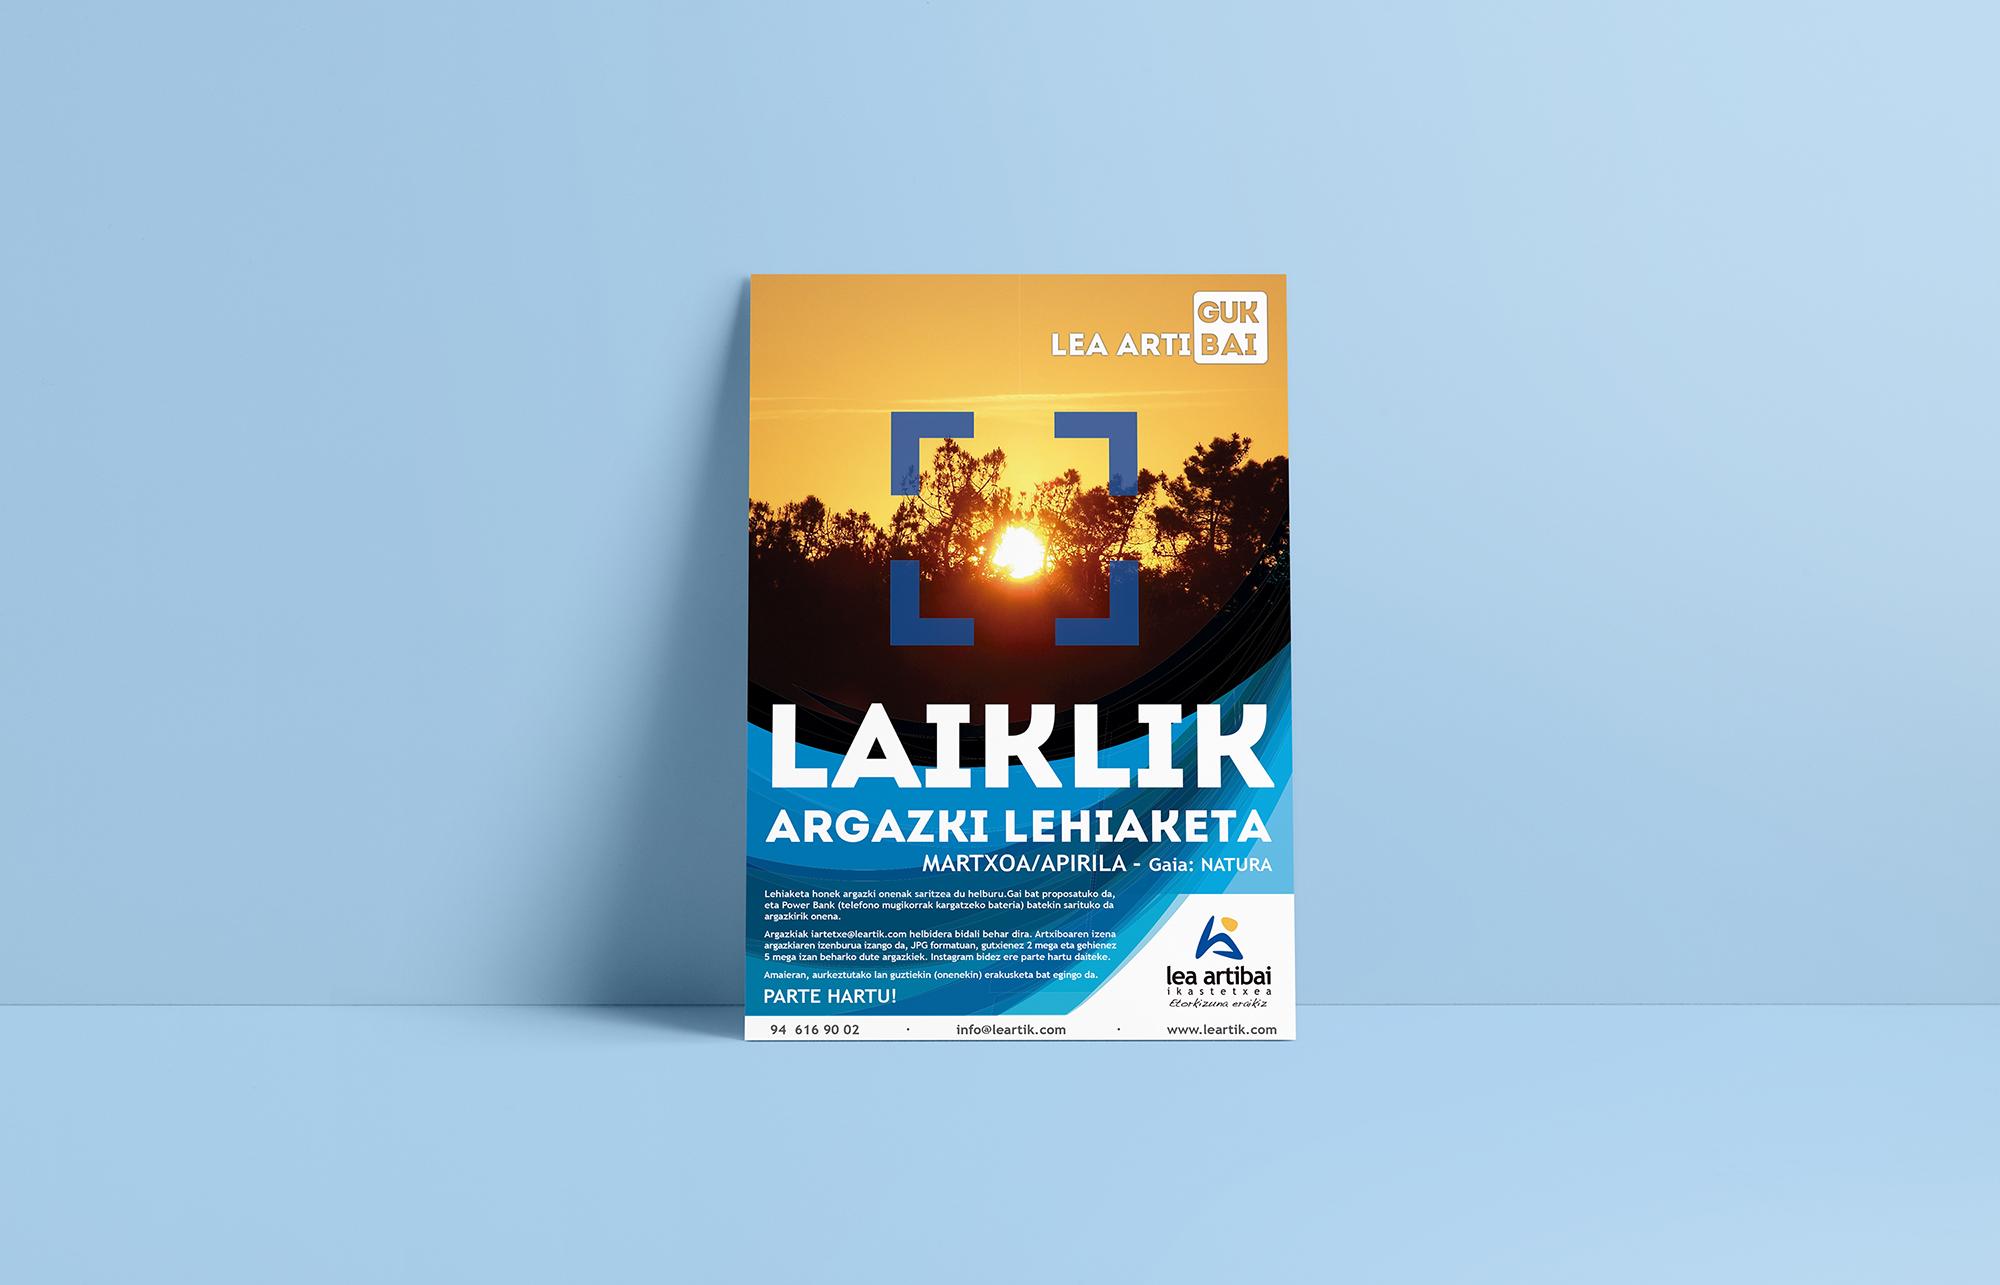 LAIKLIK Lea Artibai